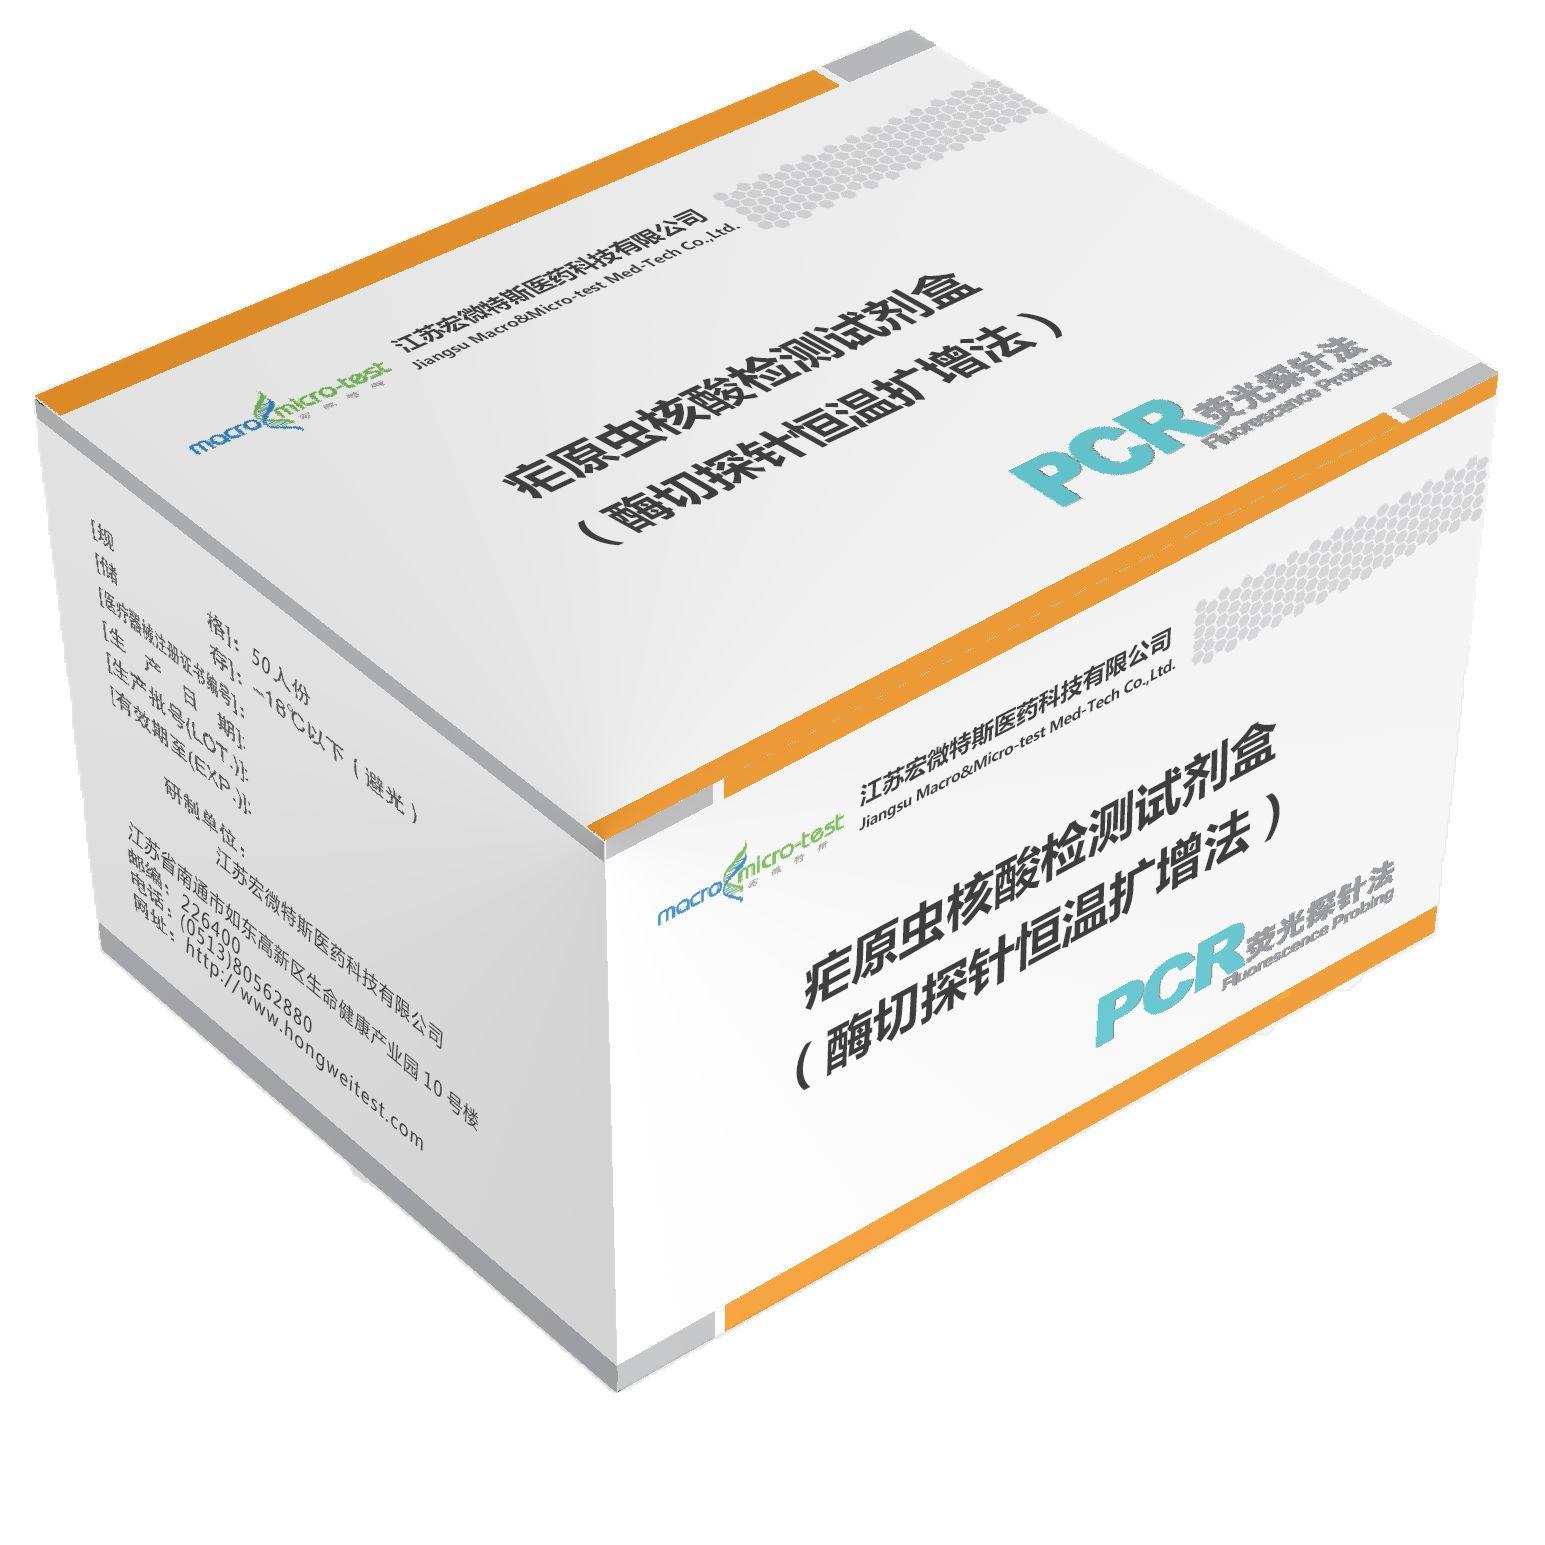 疟原虫核酸检测试剂盒(酶切探针恒温扩增法)